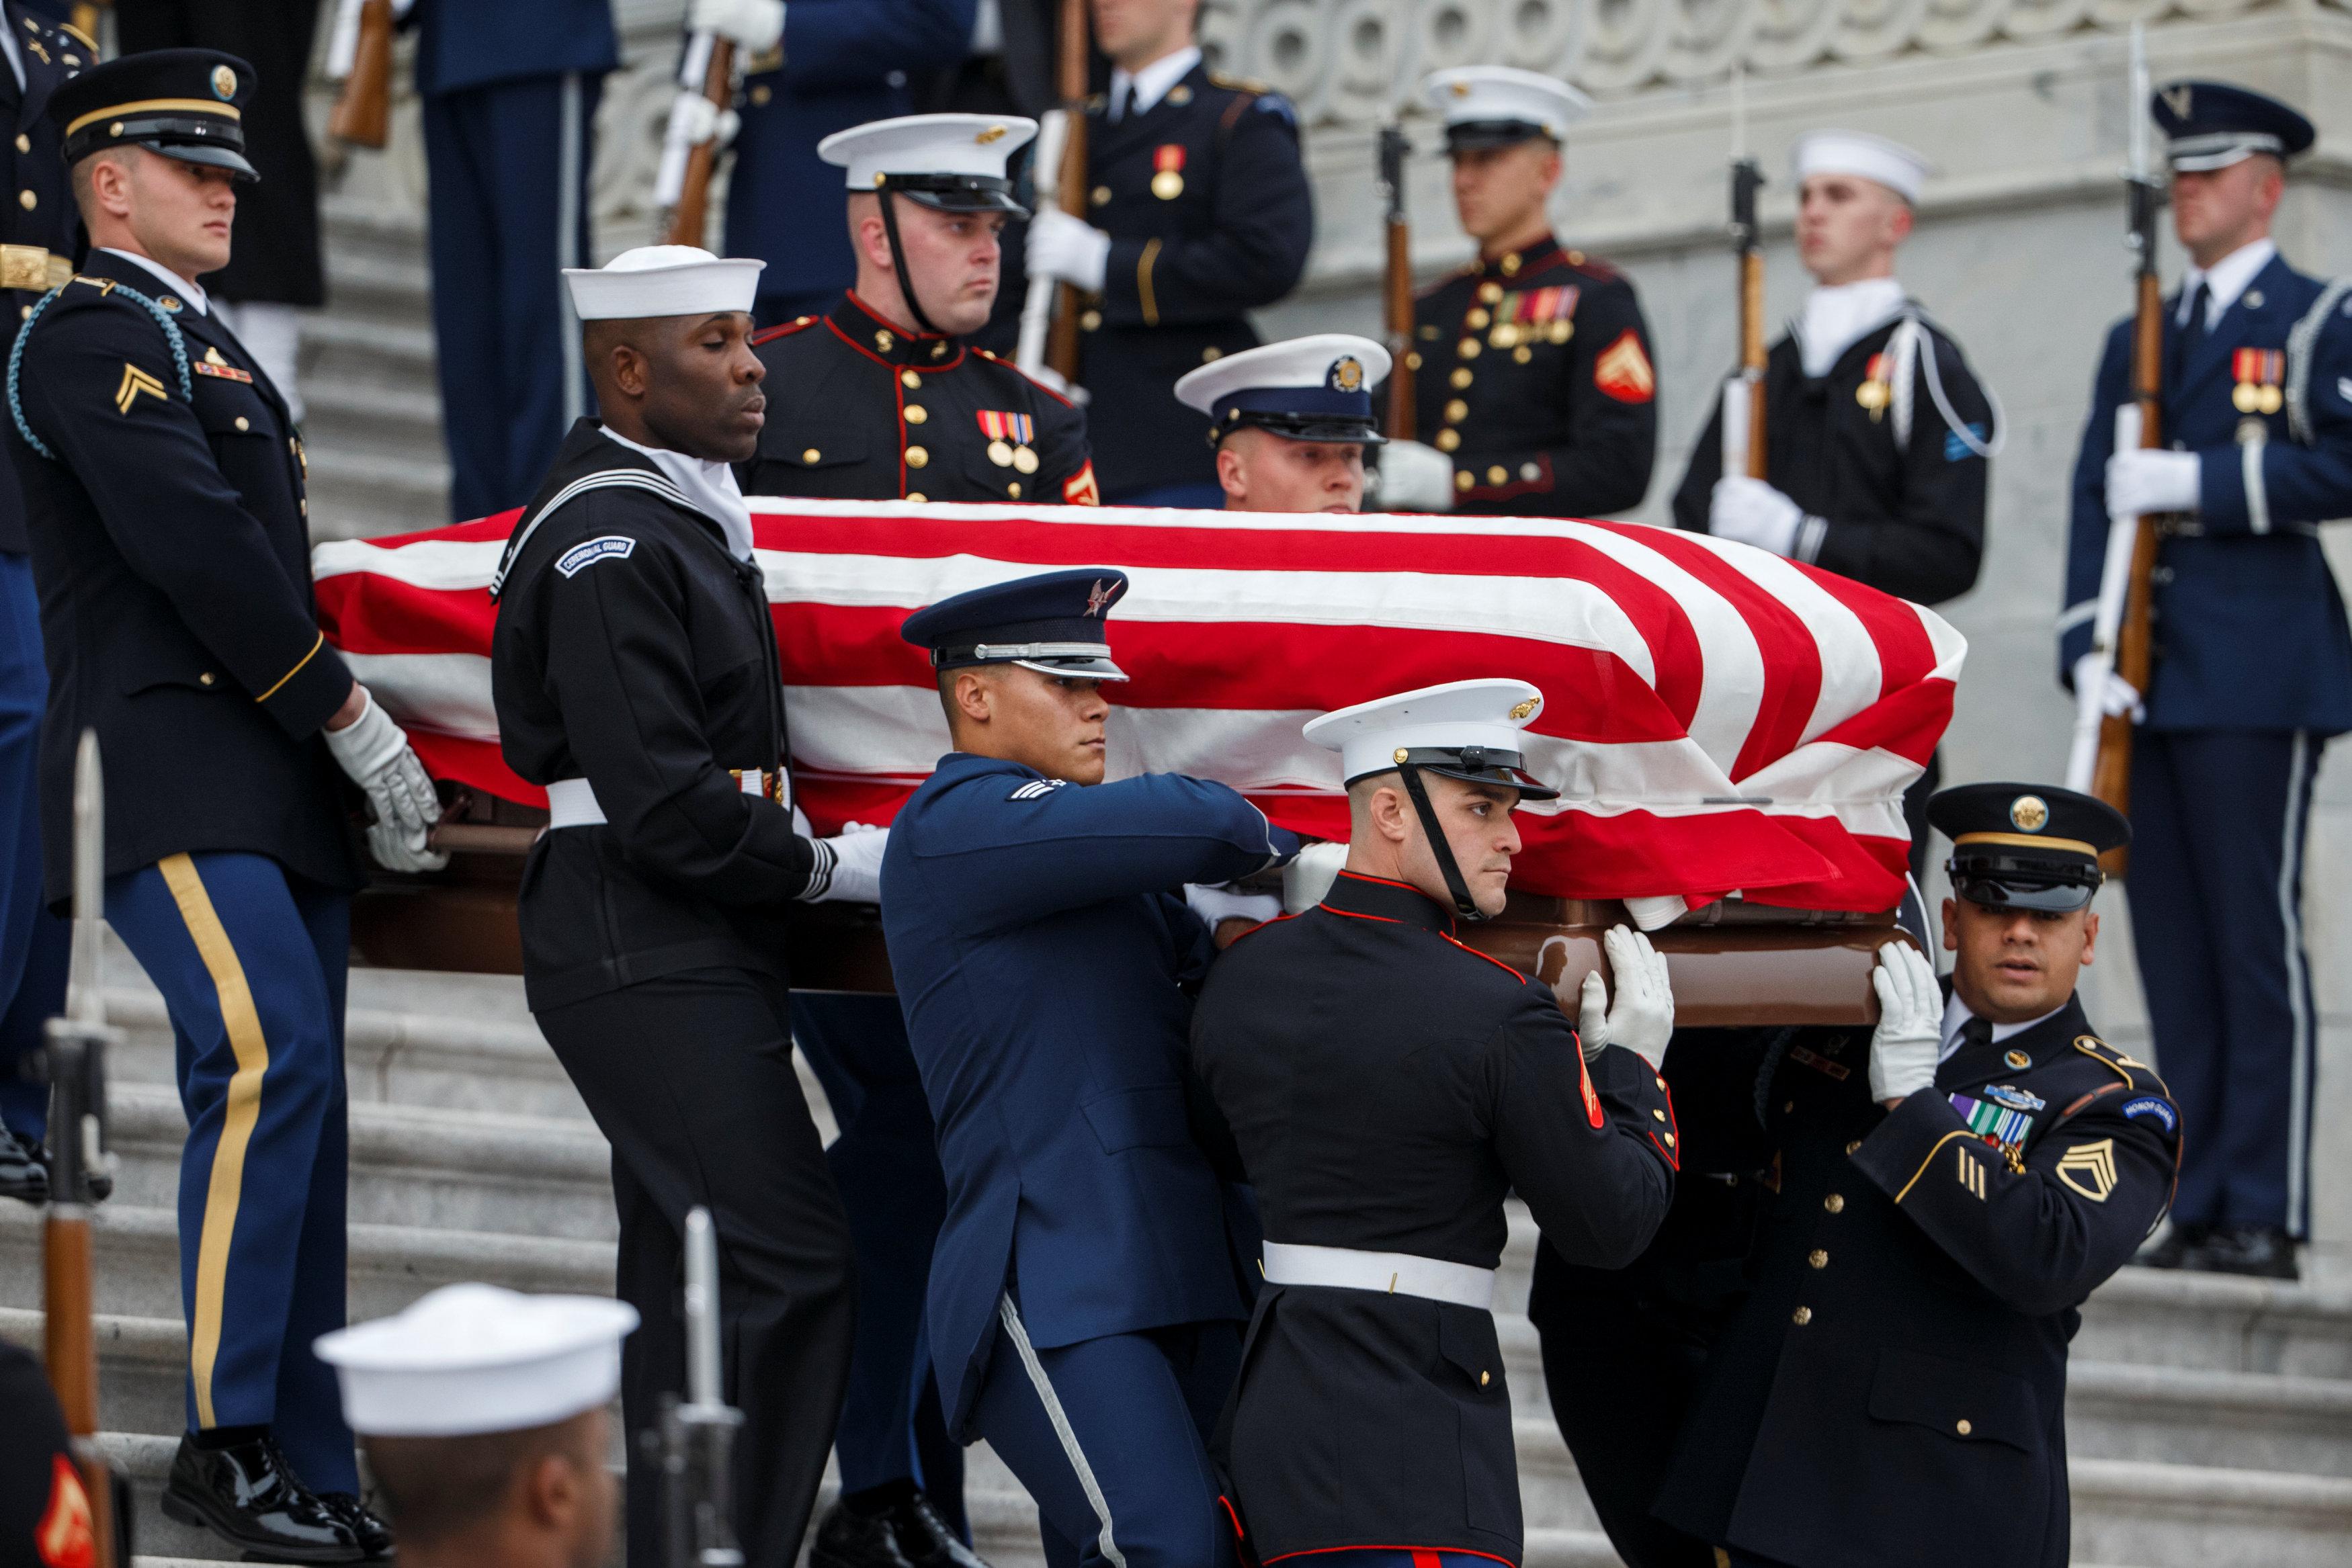 انطلاق مراسم جنازة الرئيس الأمريكى جورج بوش الأب (11)